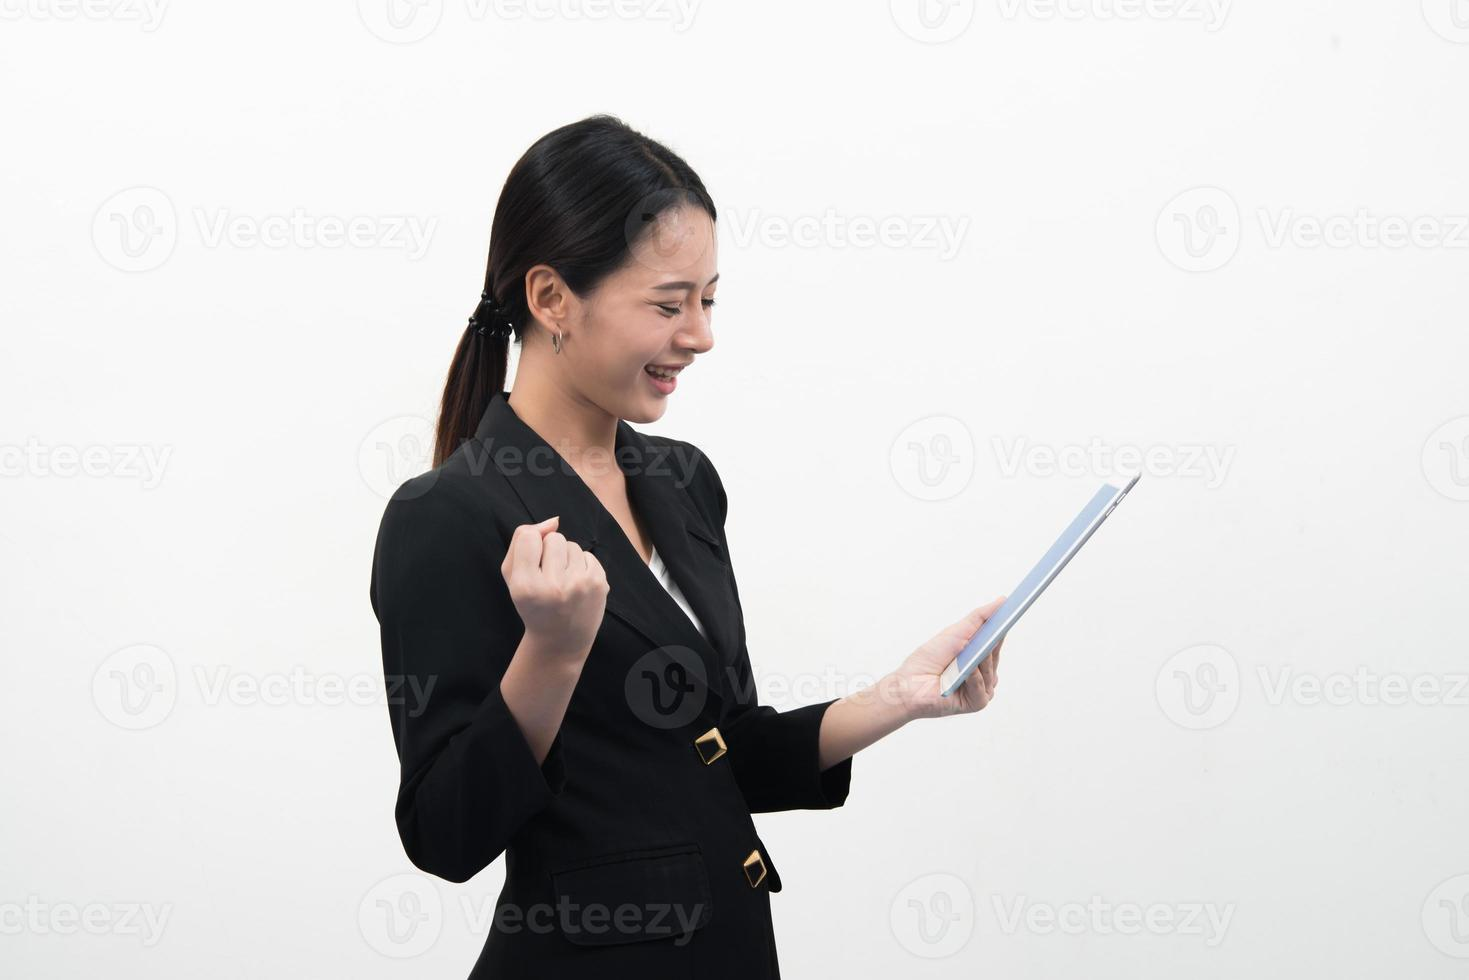 femme souriante jeune entreprise utilise un tablet pc isolé sur fond blanc. photo